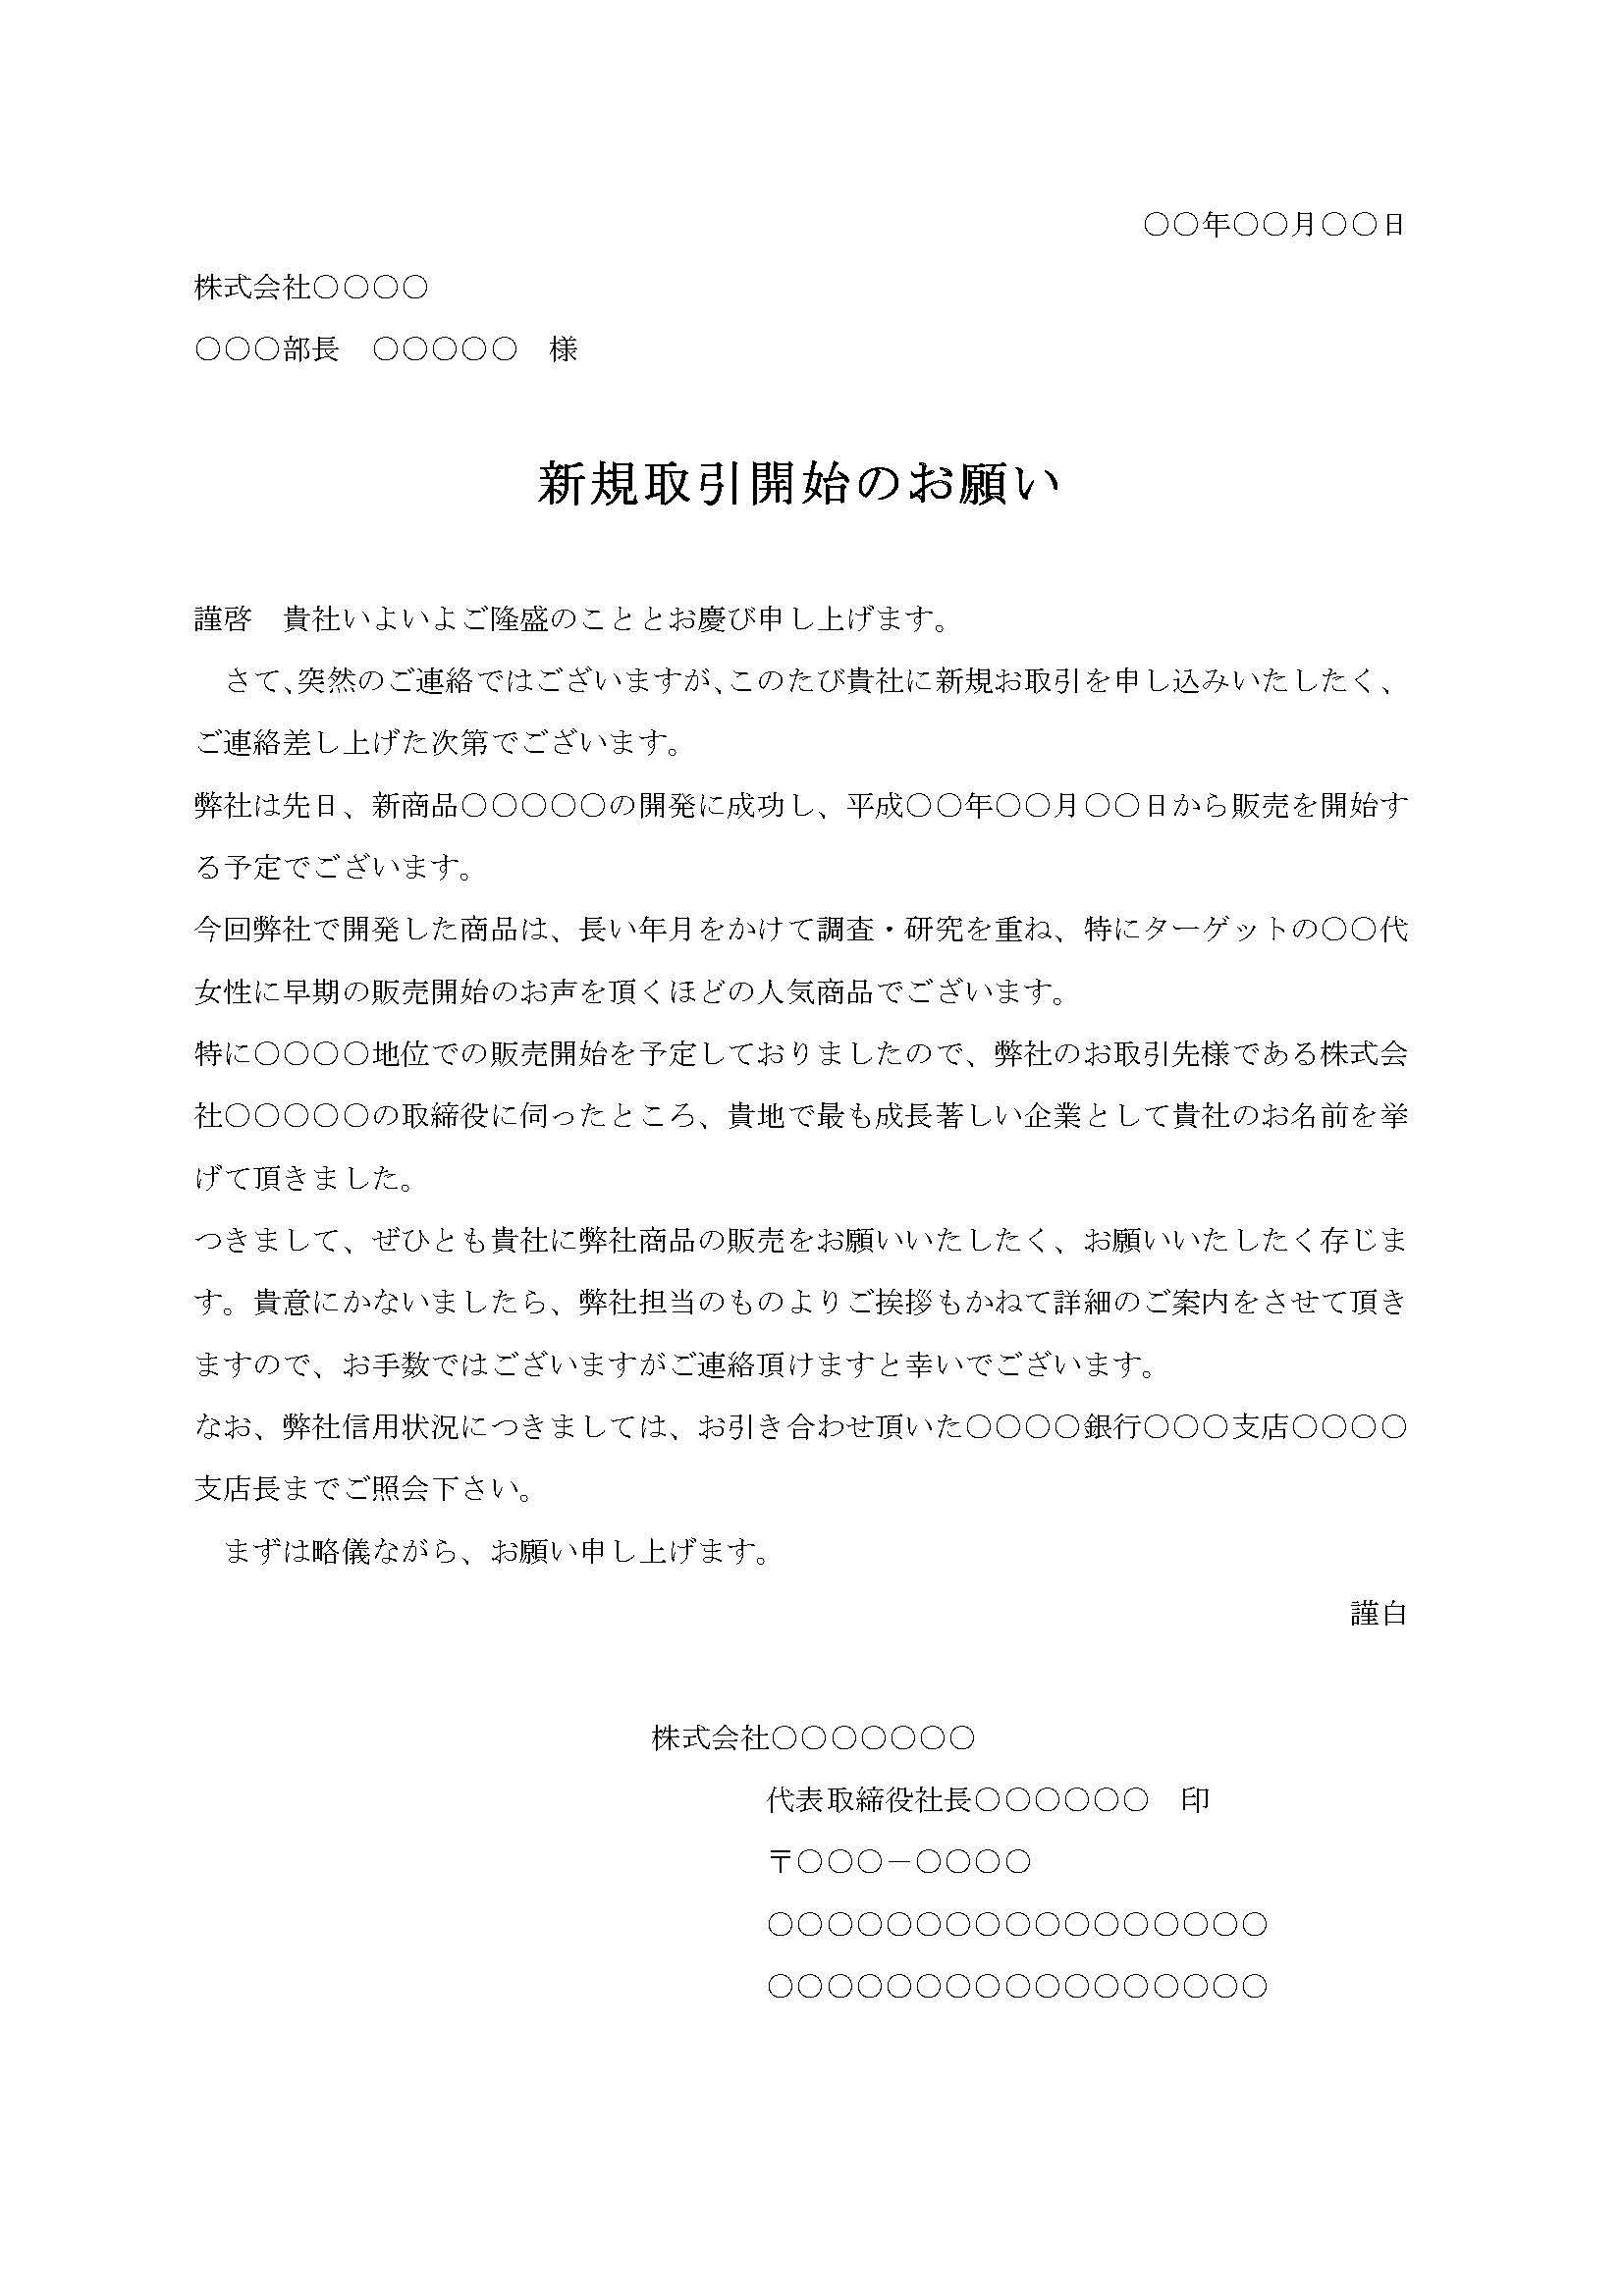 依頼状(新規取引依頼)のテンプレート書式9